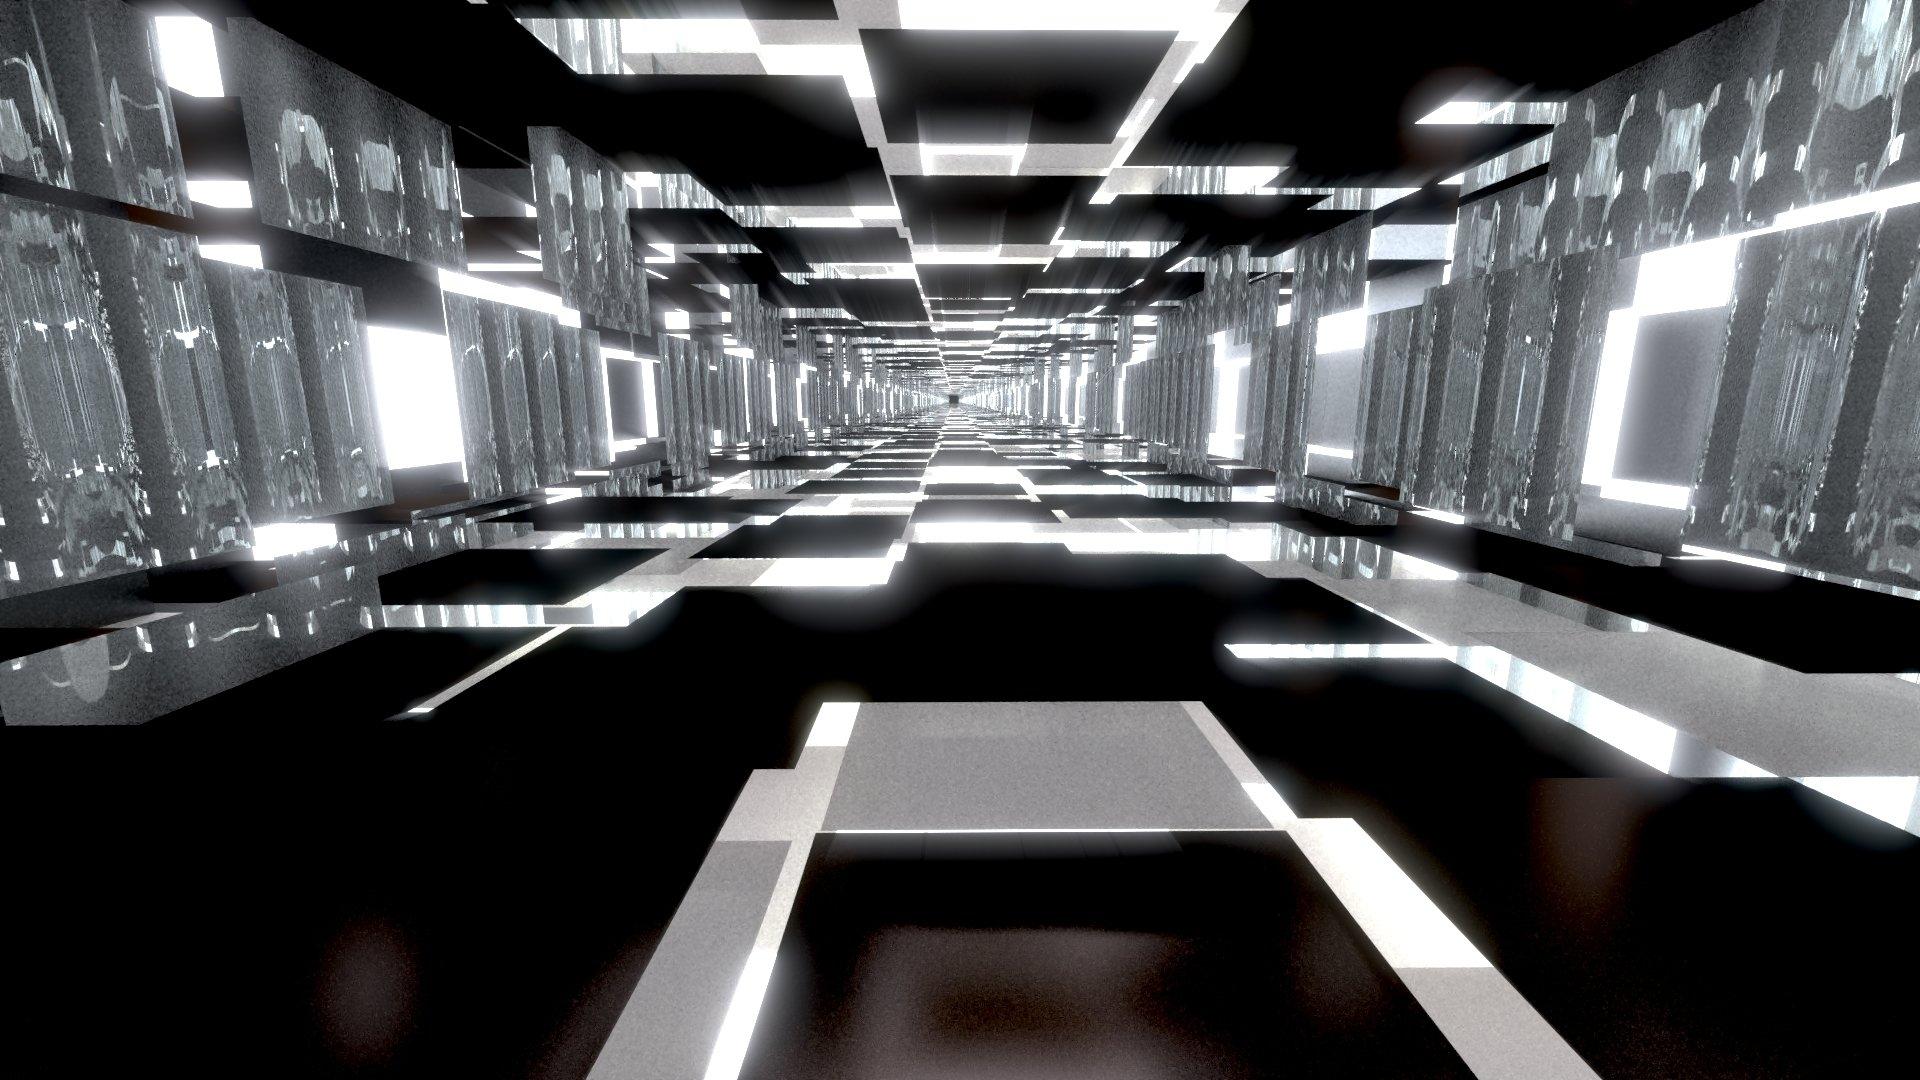 Black And White Tunnels Papel De Parede Hd Plano De Fundo